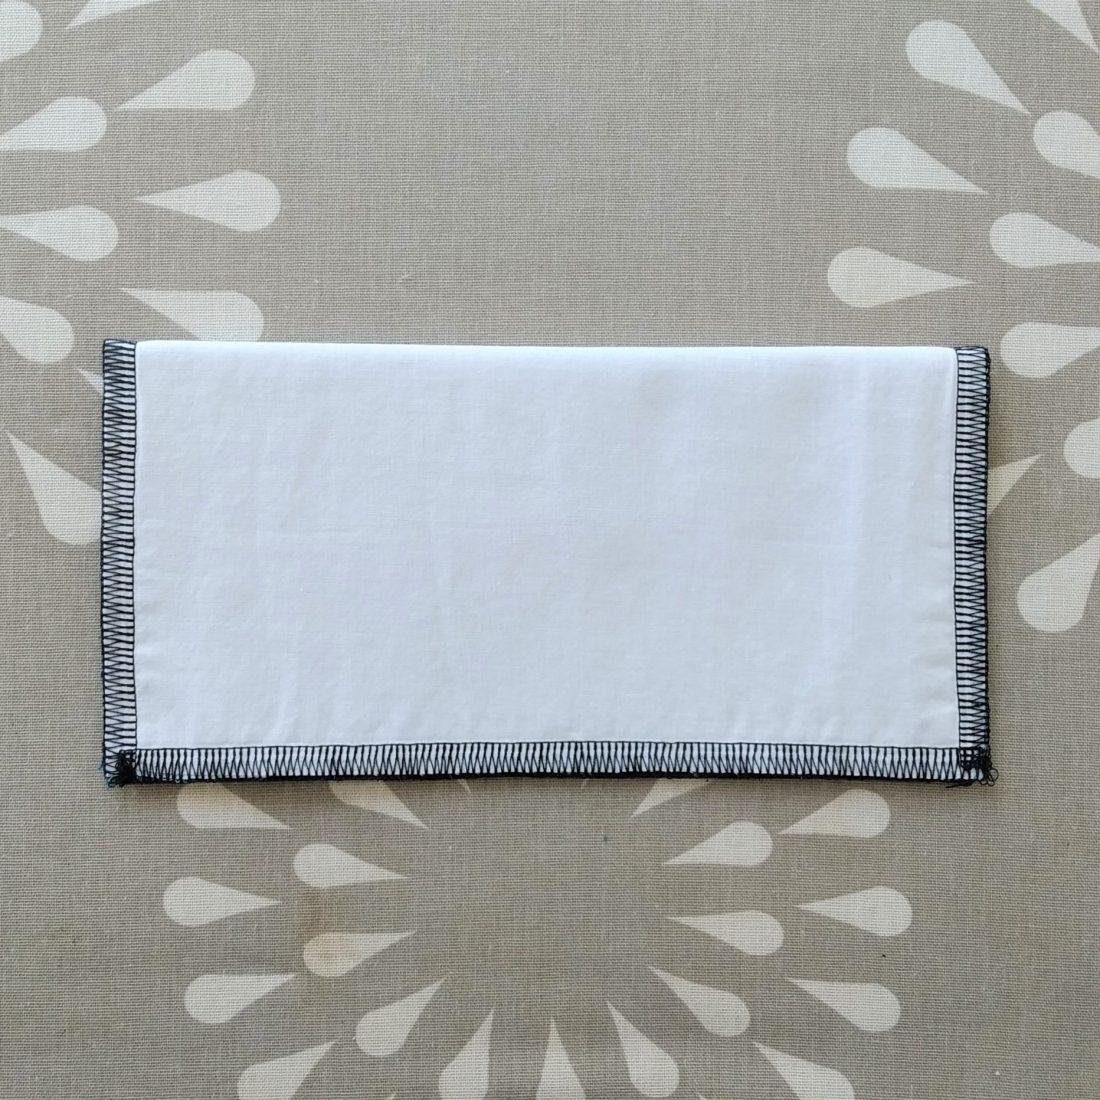 Pliez votre masque en deux puis repassez la pliure pour obtenir la moitié de votre carré.